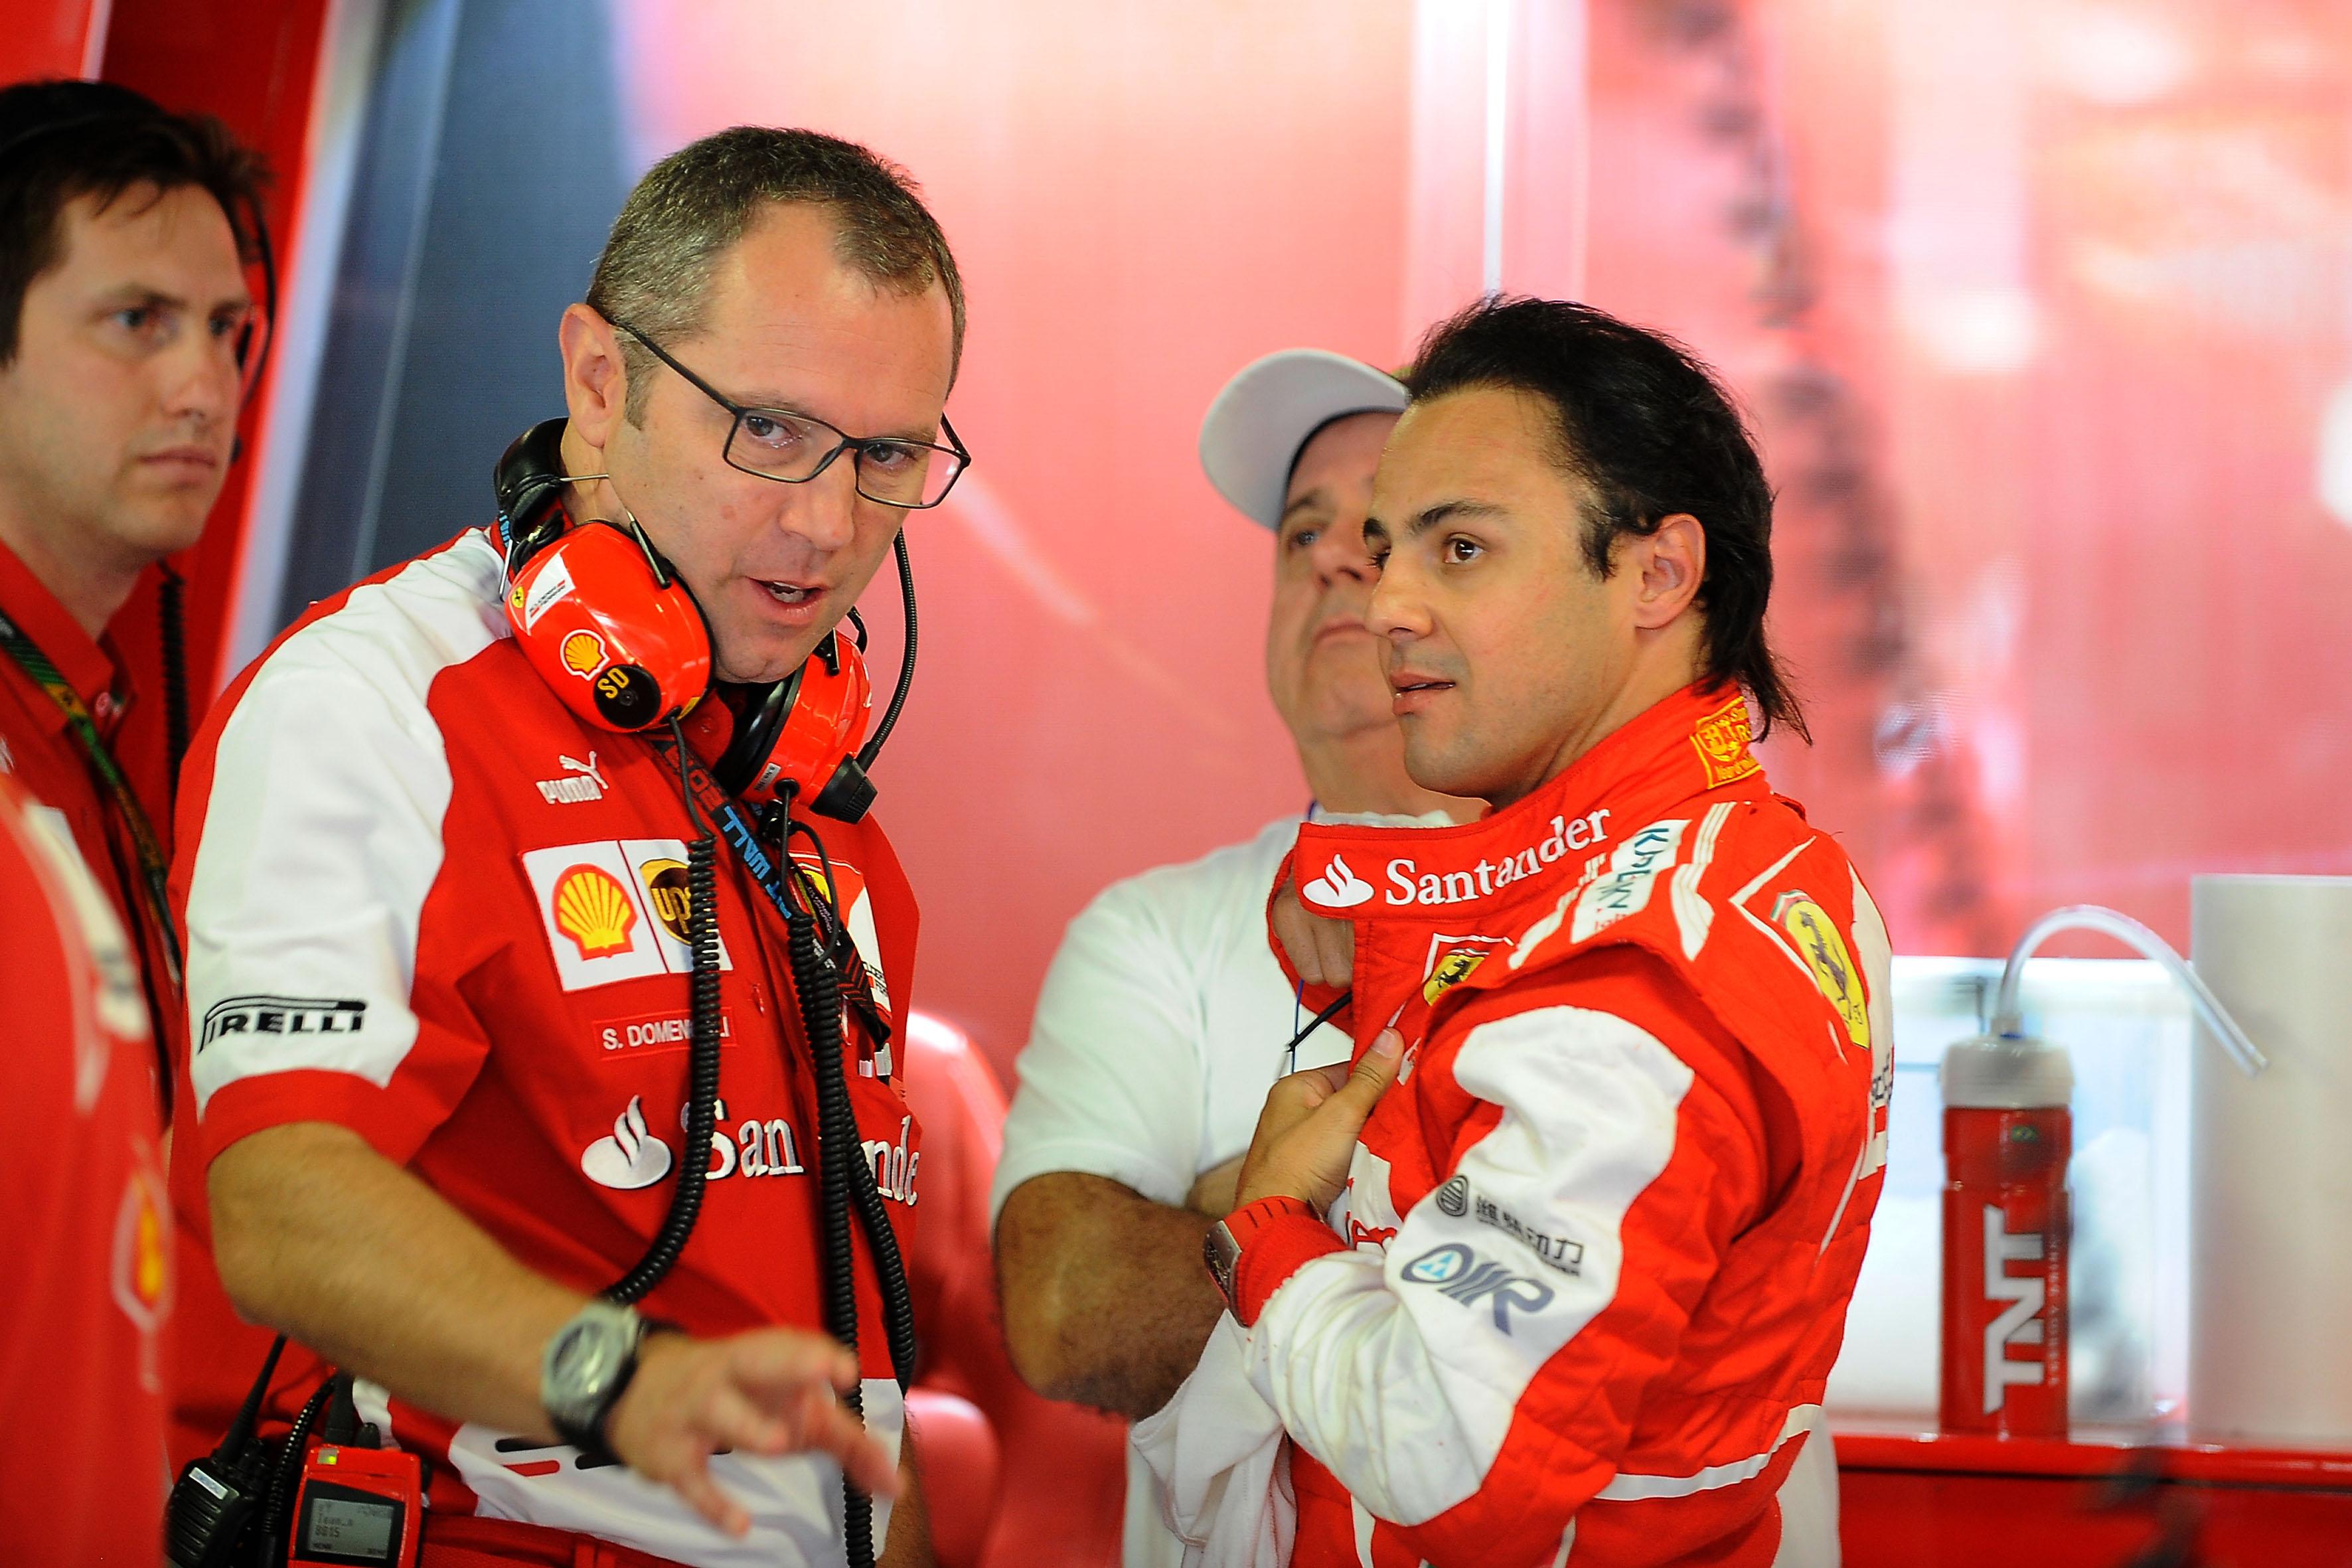 Hivatalos: Stefano Domenicali veszi át az F1 irányítását!